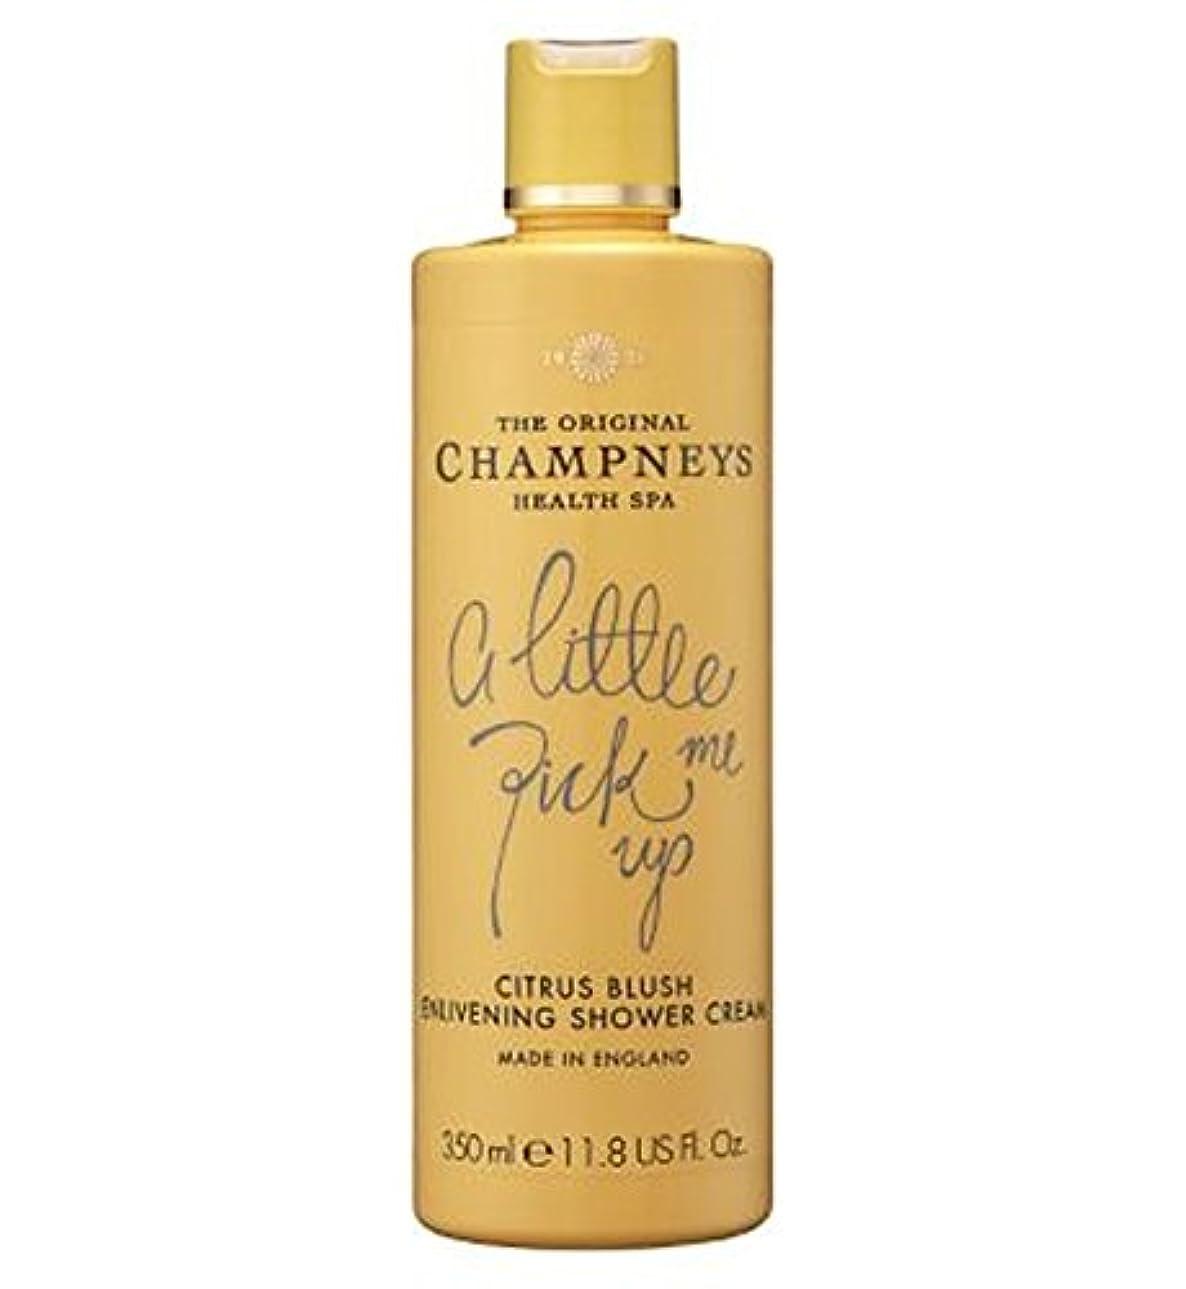 時周術期ヤングチャンプニーズシトラス赤面盛り上げシャワークリーム350ミリリットル (Champneys) (x2) - Champneys Citrus Blush Enlivening Shower Cream 350ml (Pack of 2) [並行輸入品]